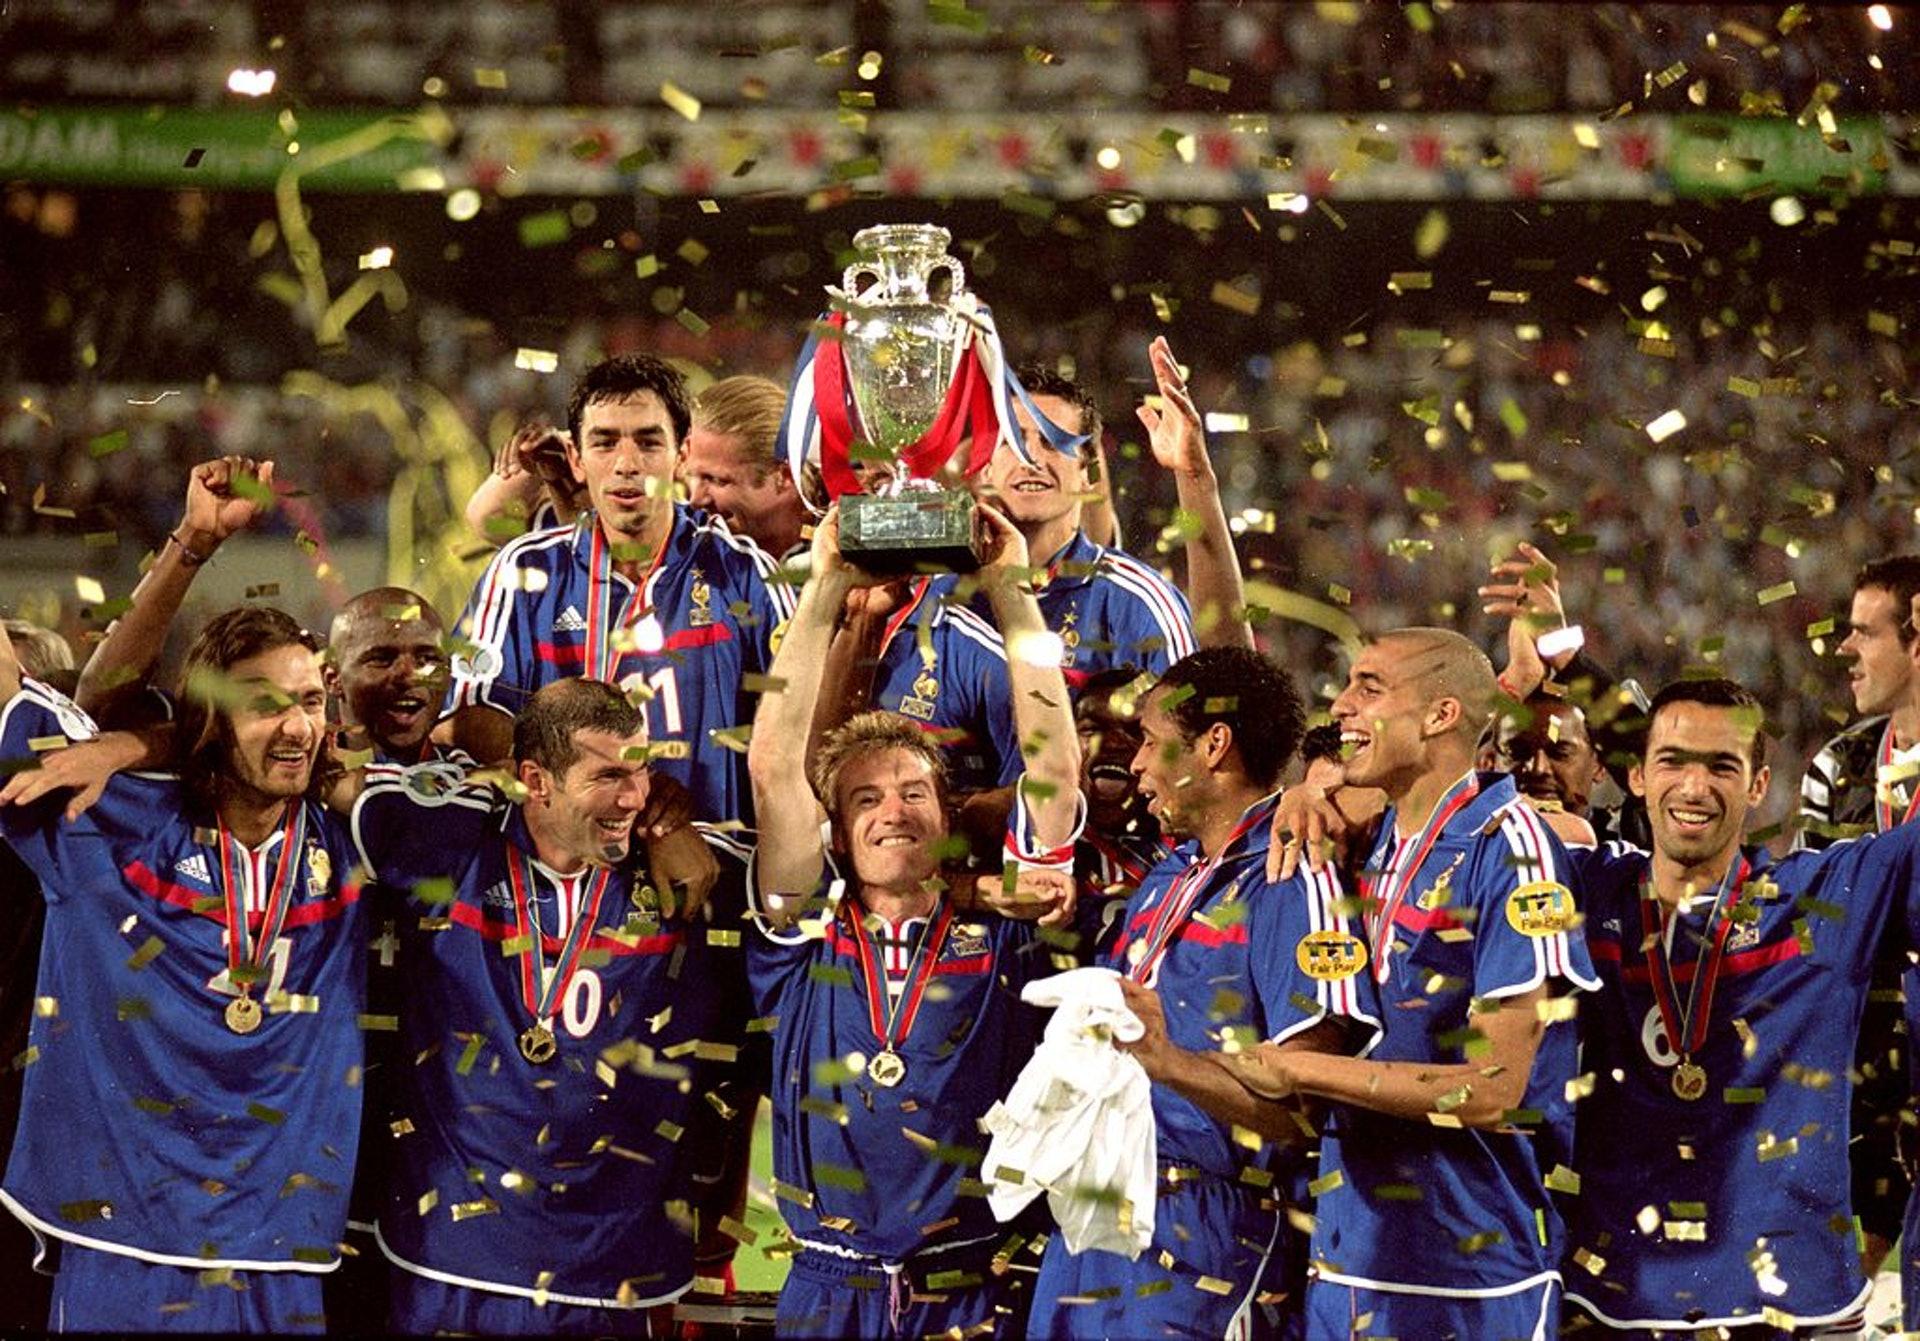 2000歐國盃冠軍:法國(22人名單)–27.95歲(Getty Images)